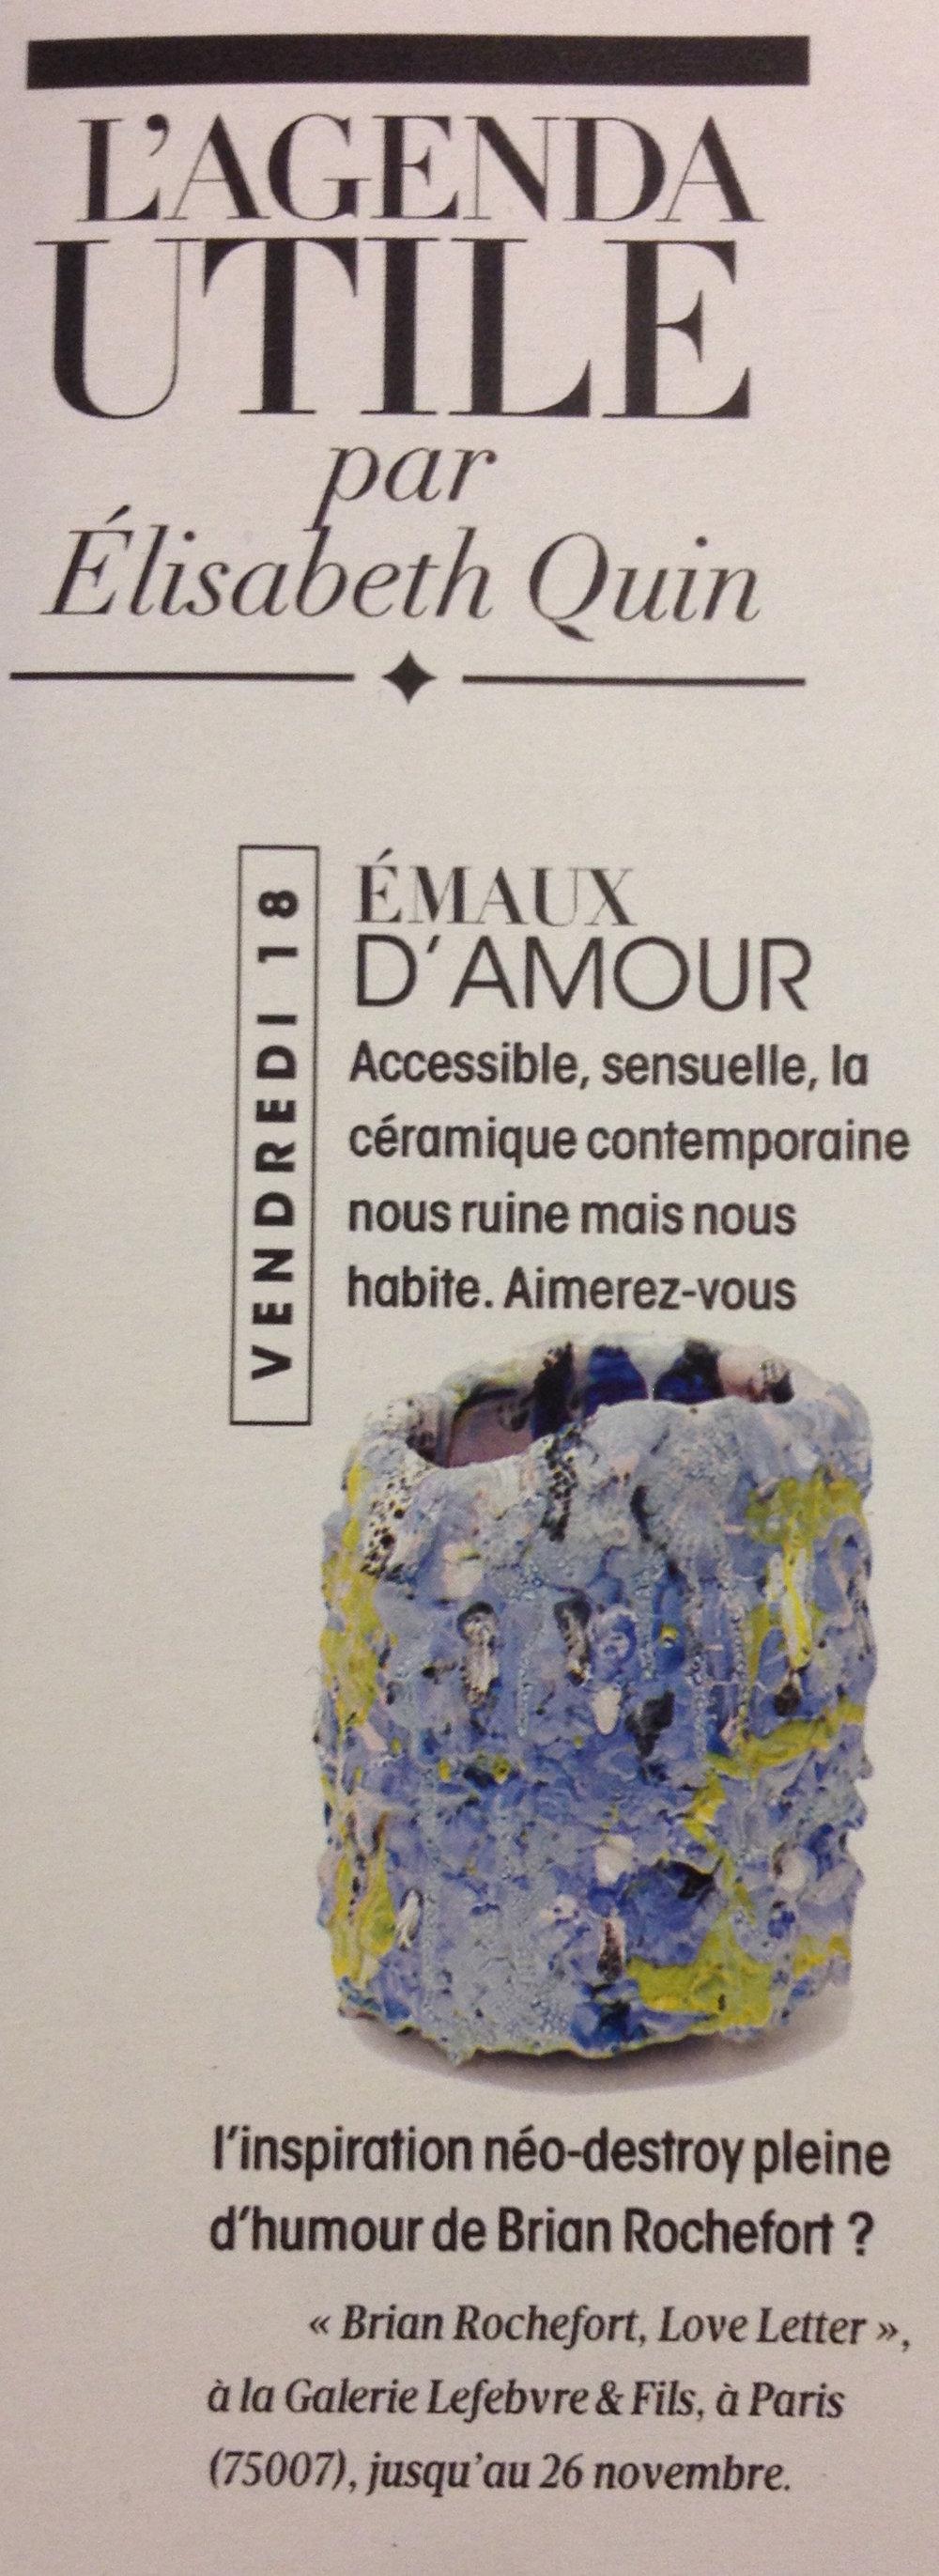 Article d'Élisabeth Quin dans Madame Figaro.